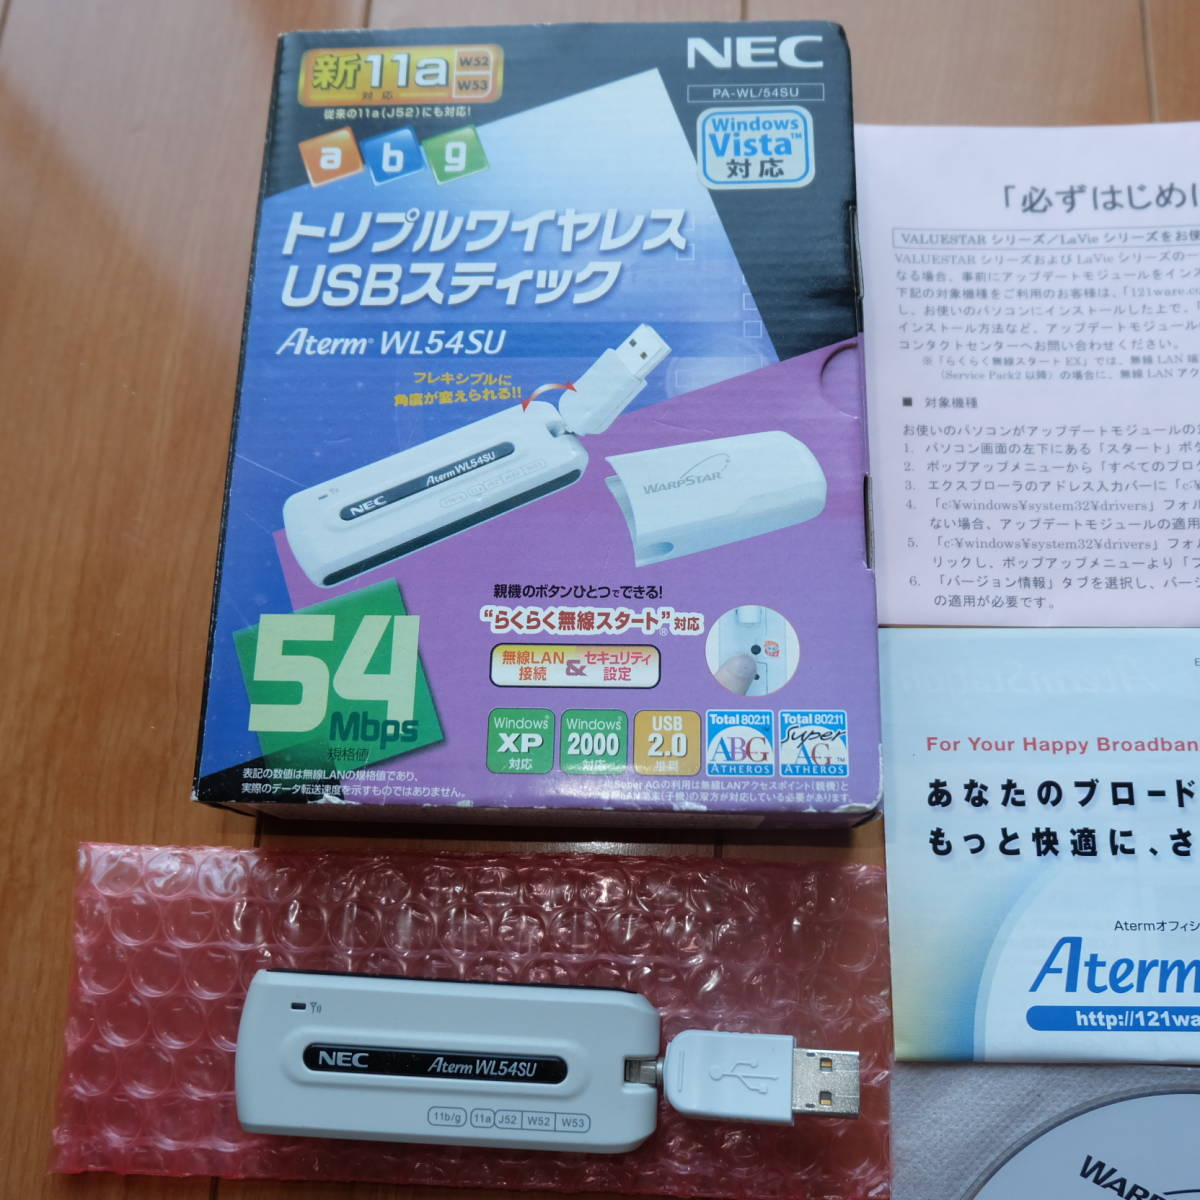 送料無料 NEC トリプルワイヤレスUSBスティック Aterm WL54SU PA-WL/54SU 無線LAN ワイヤレスLAN 子機 54Mbps abg対応 USB2.0